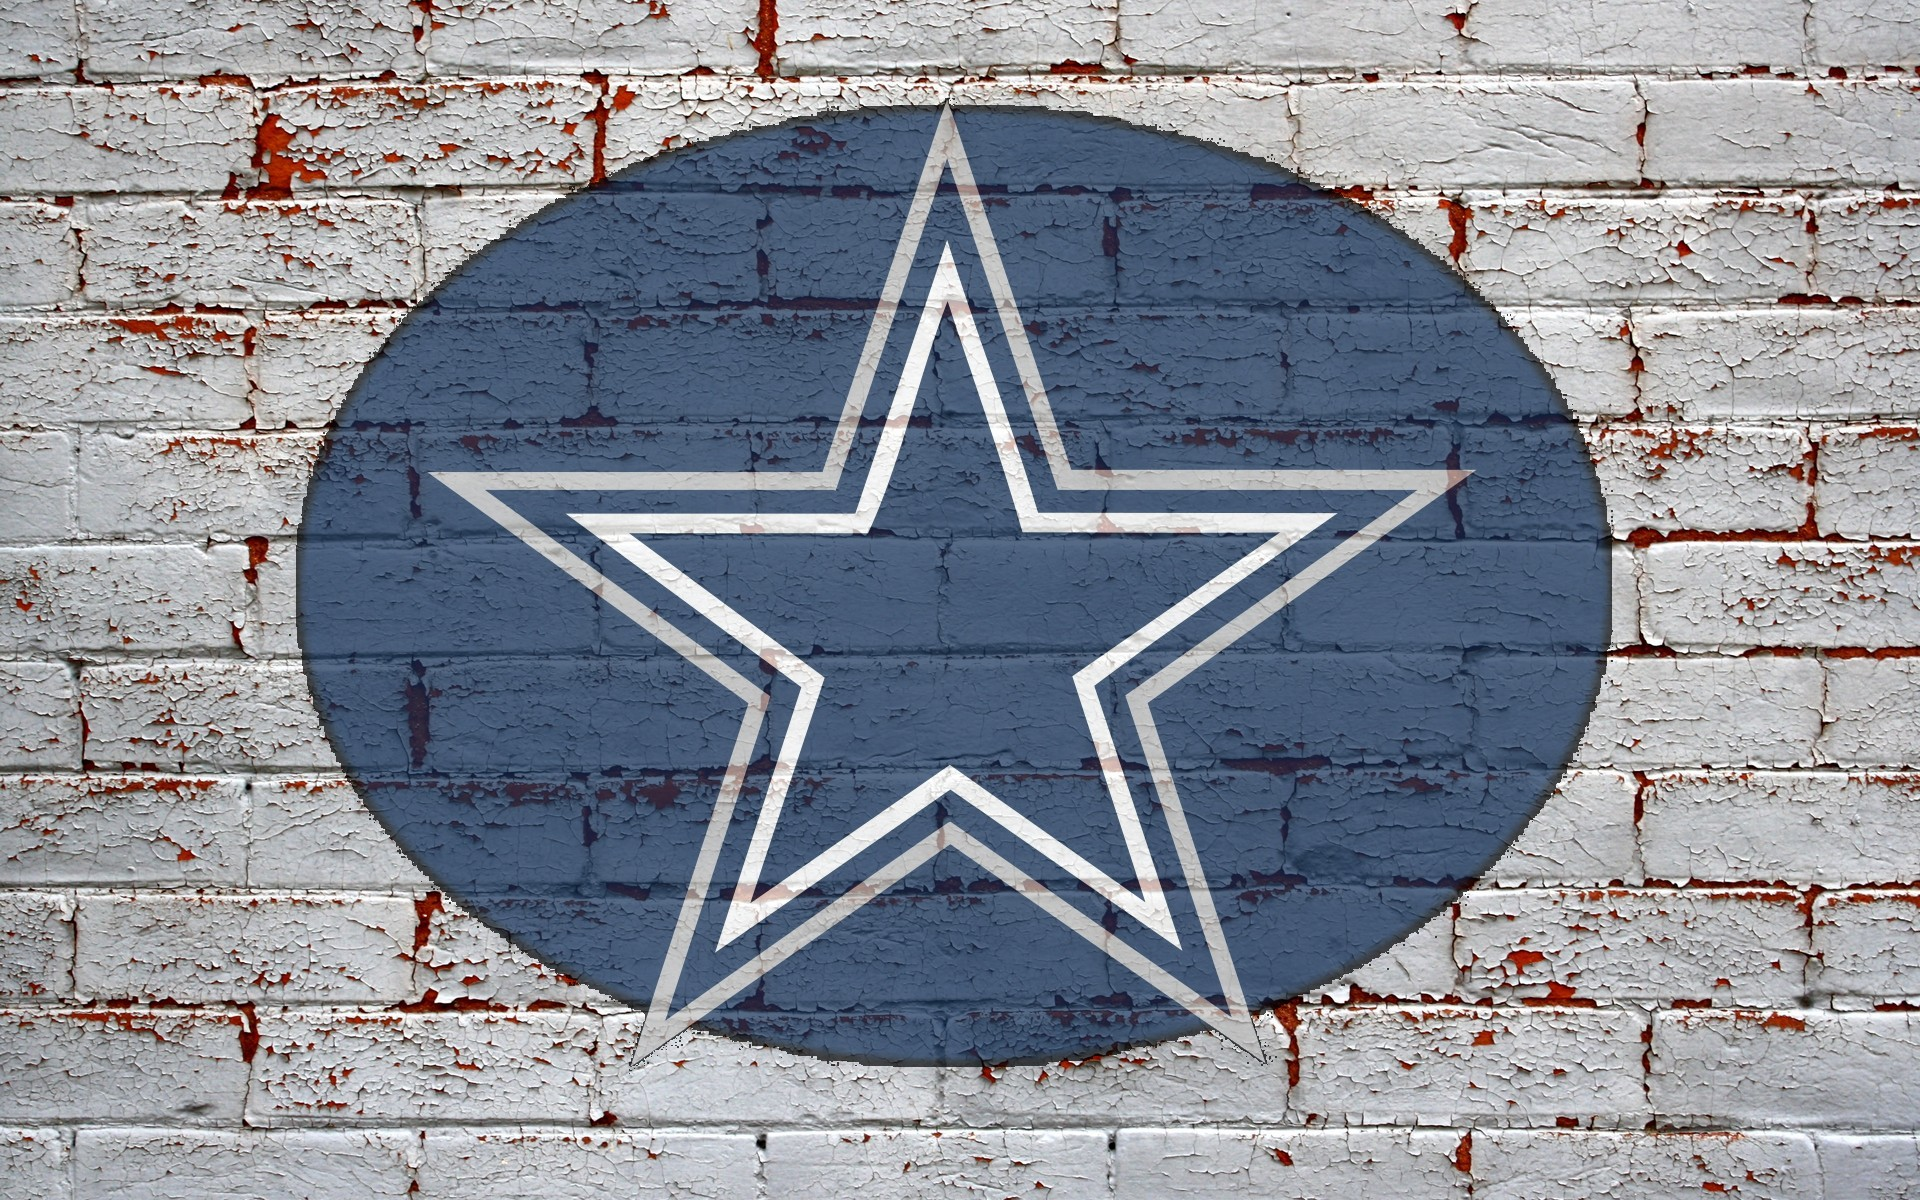 Dallas Cowboys Wallpaper - Dallas Cowboys Logo 2019 - HD Wallpaper